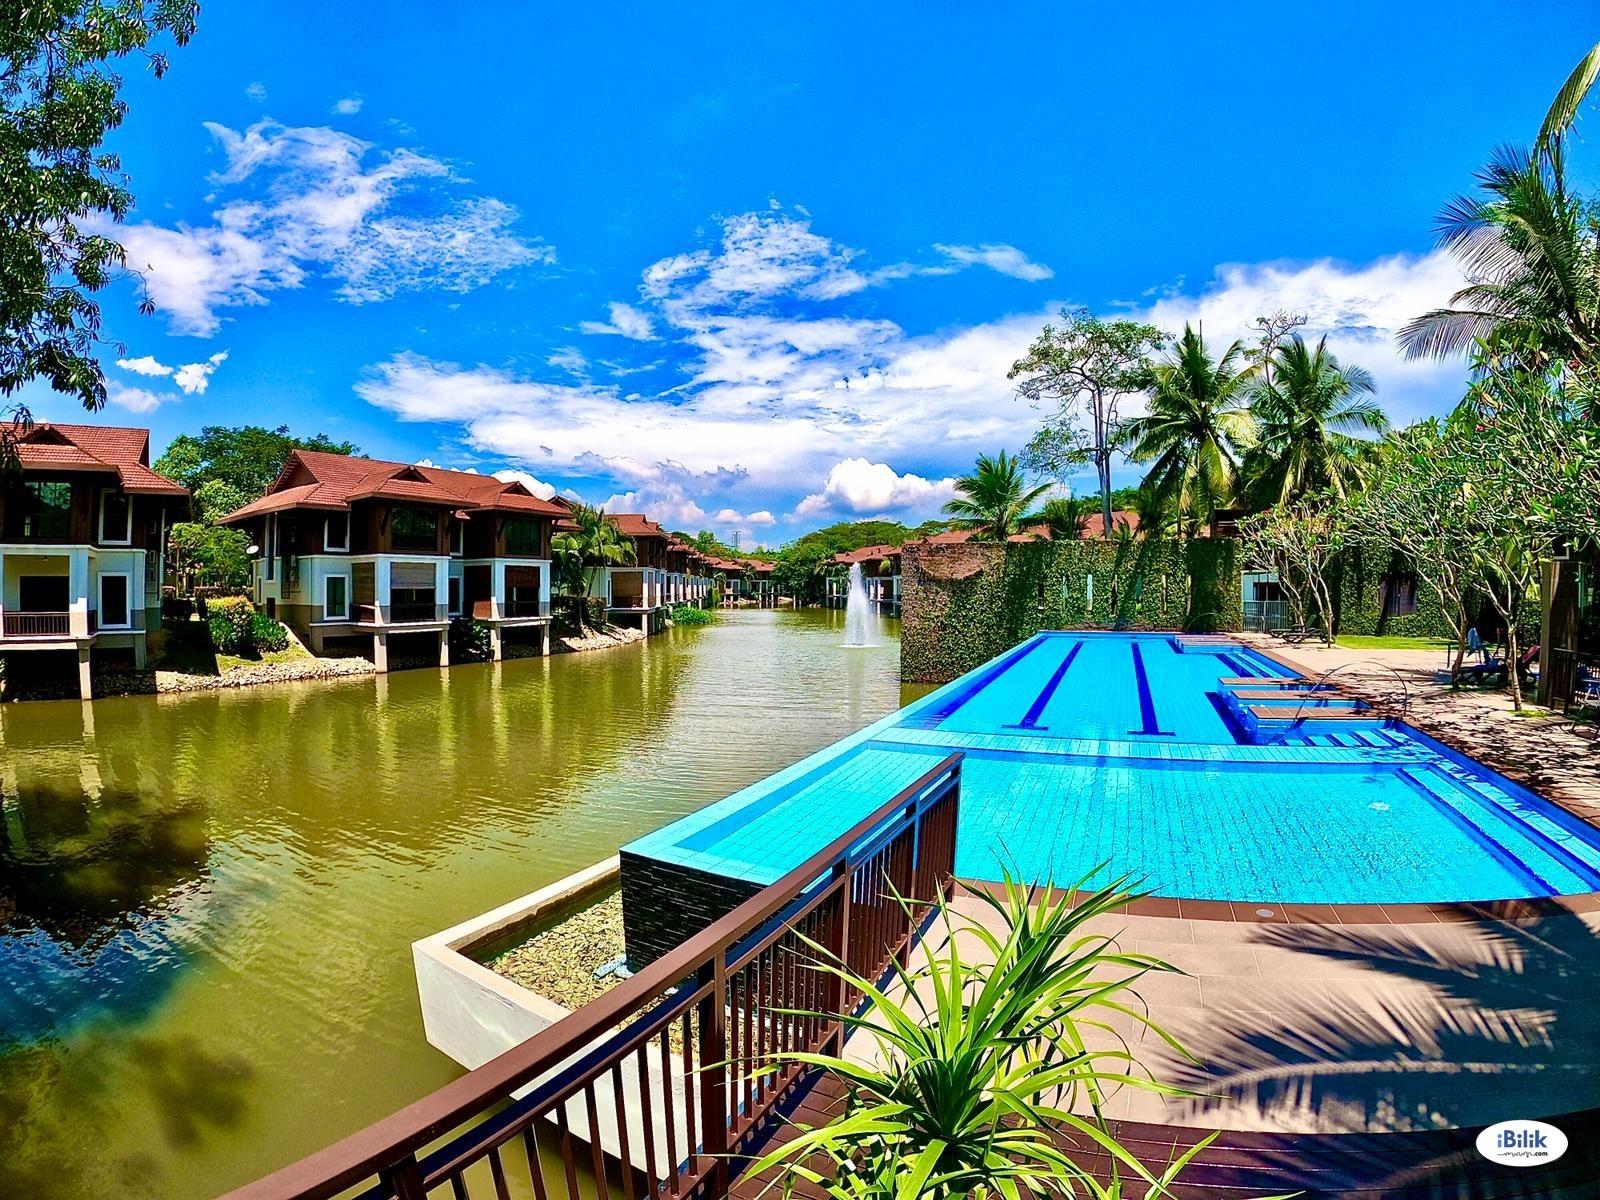 Vacation House at Gelang Patah, Johor Bahru